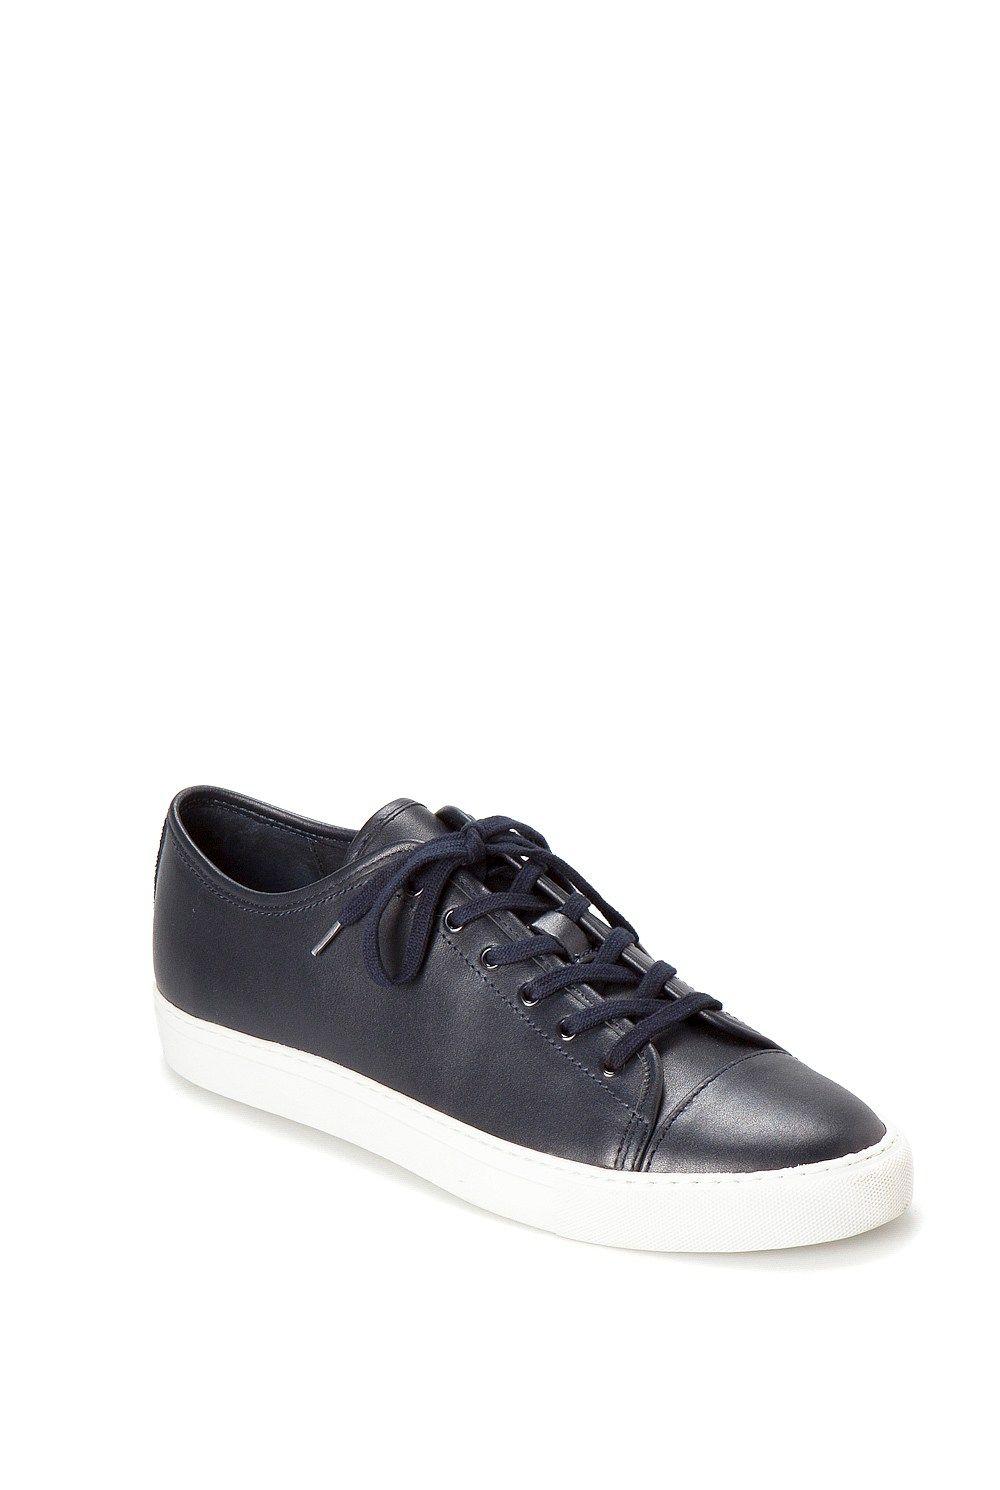 Kirton Sneaker. French Navy colour